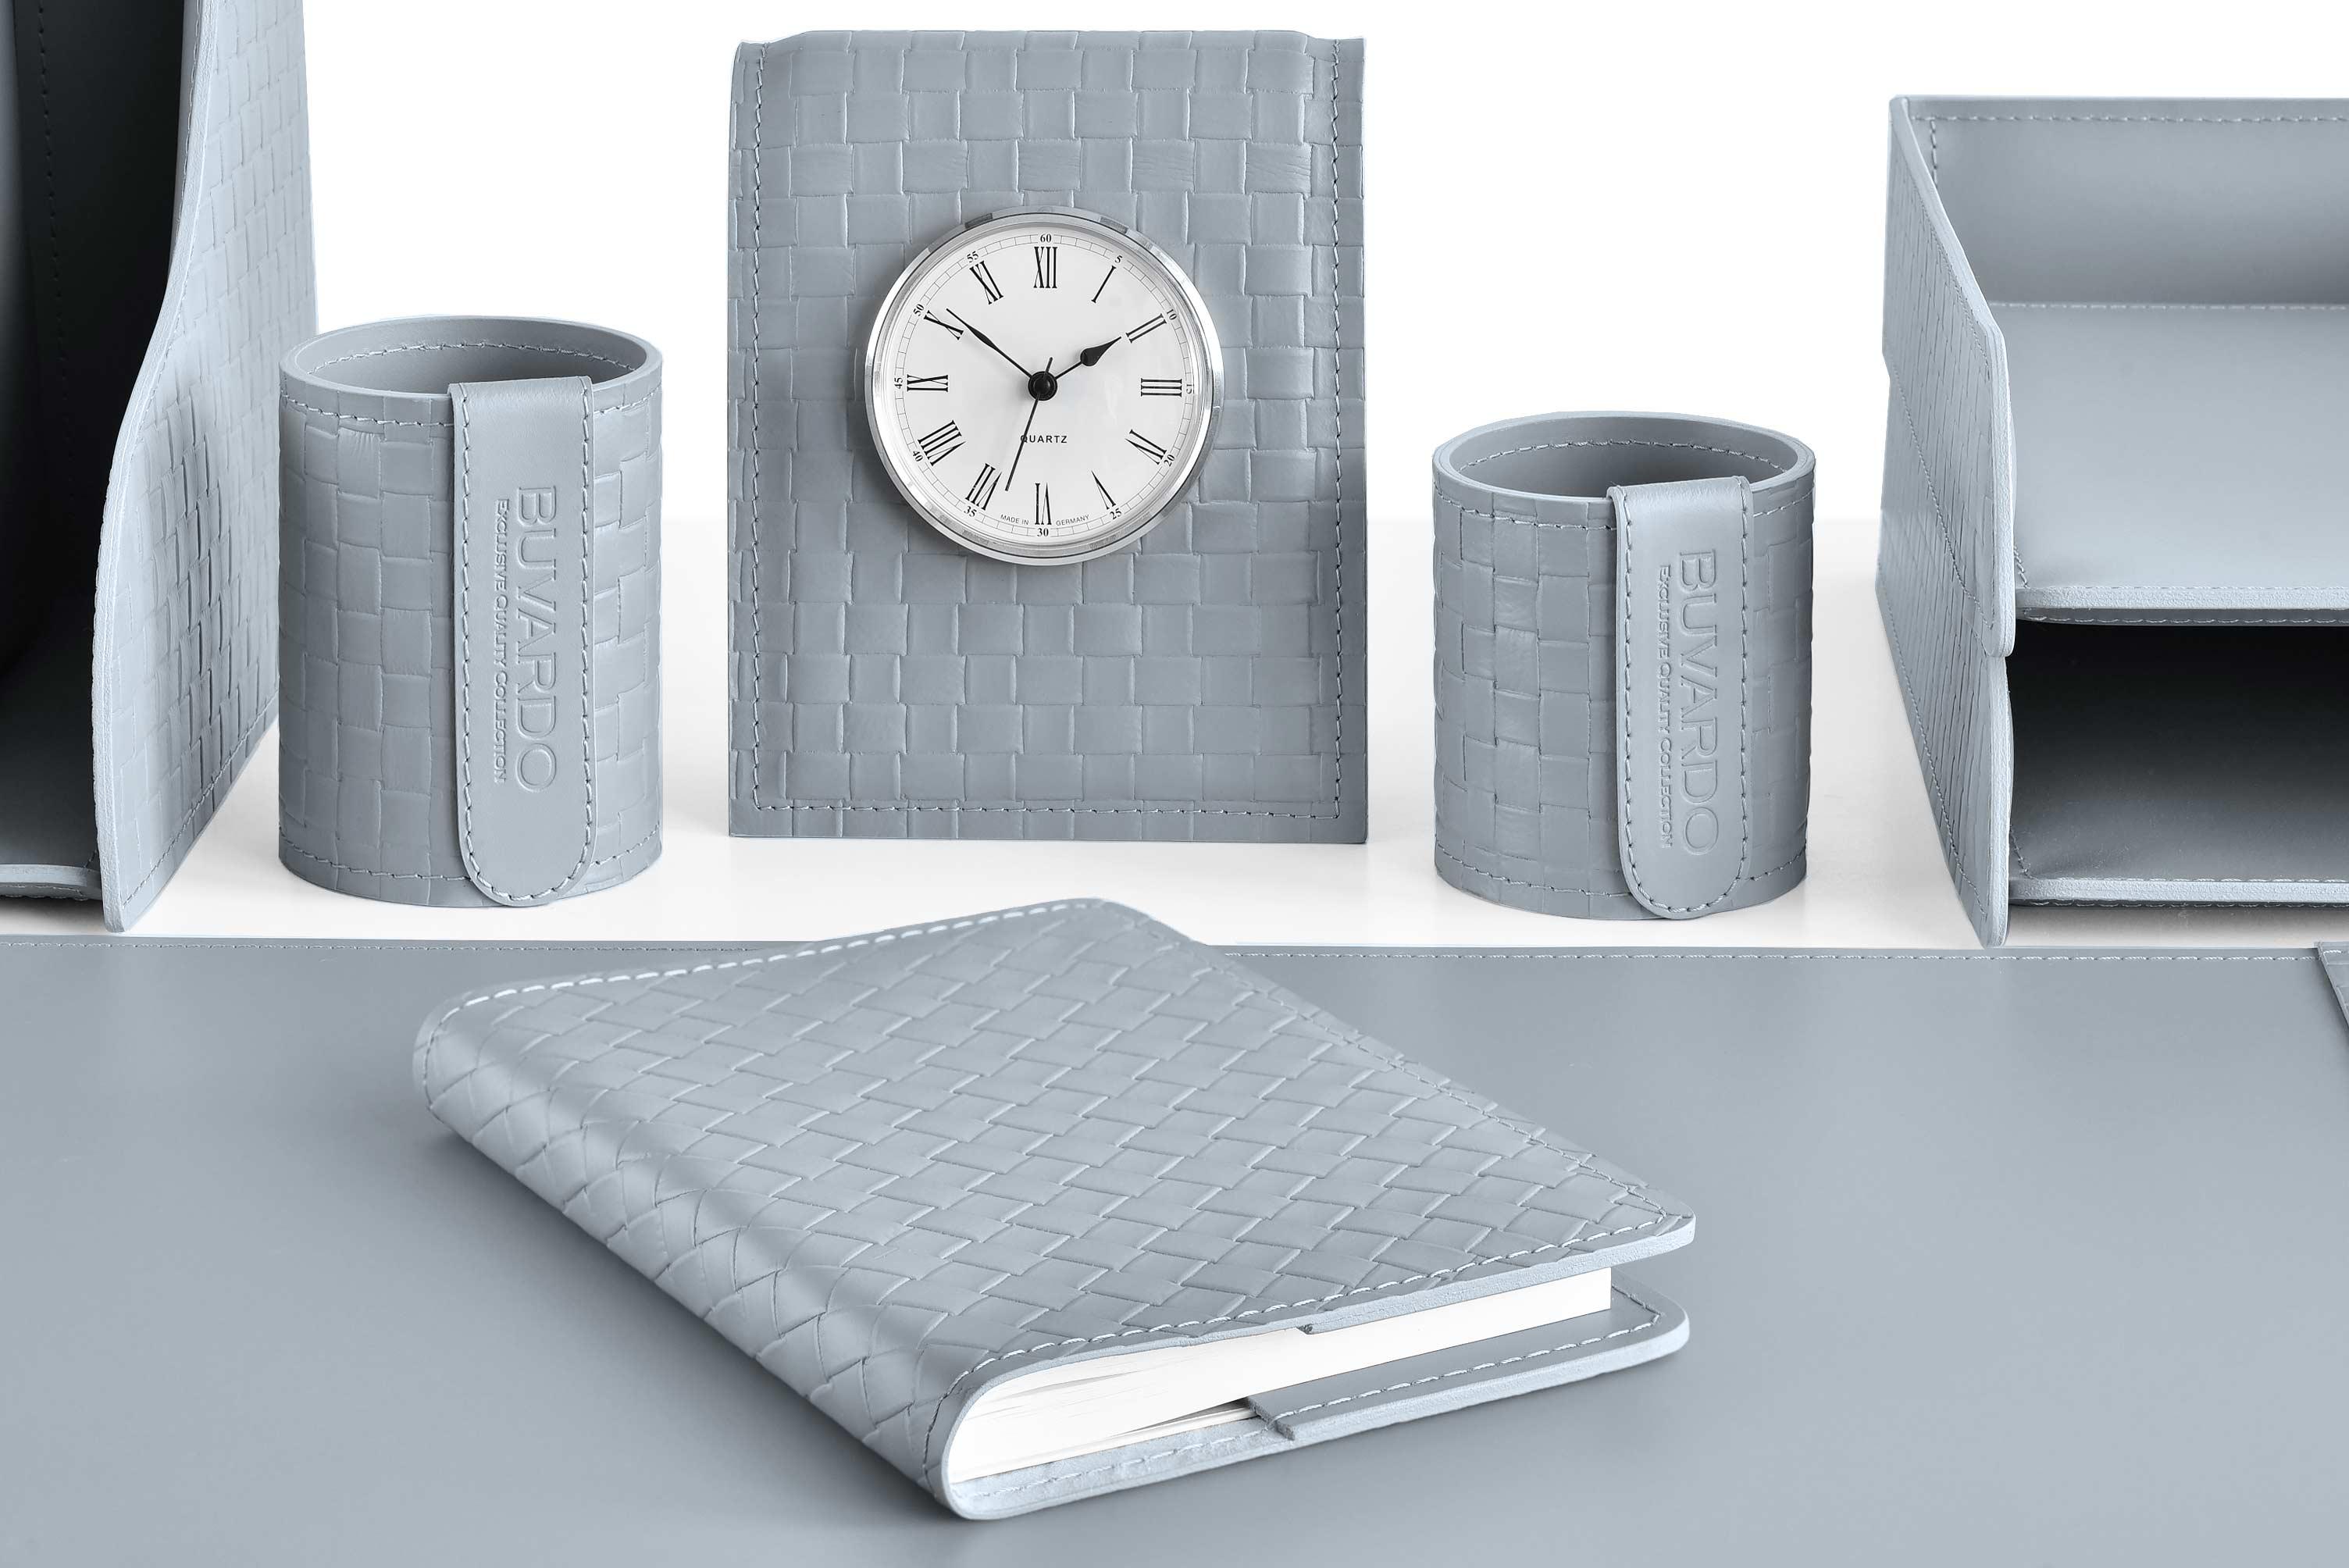 Набор на стол руководителя серый  из 13 предметов из  кожи Cuoietto с тиснением intrecciato: